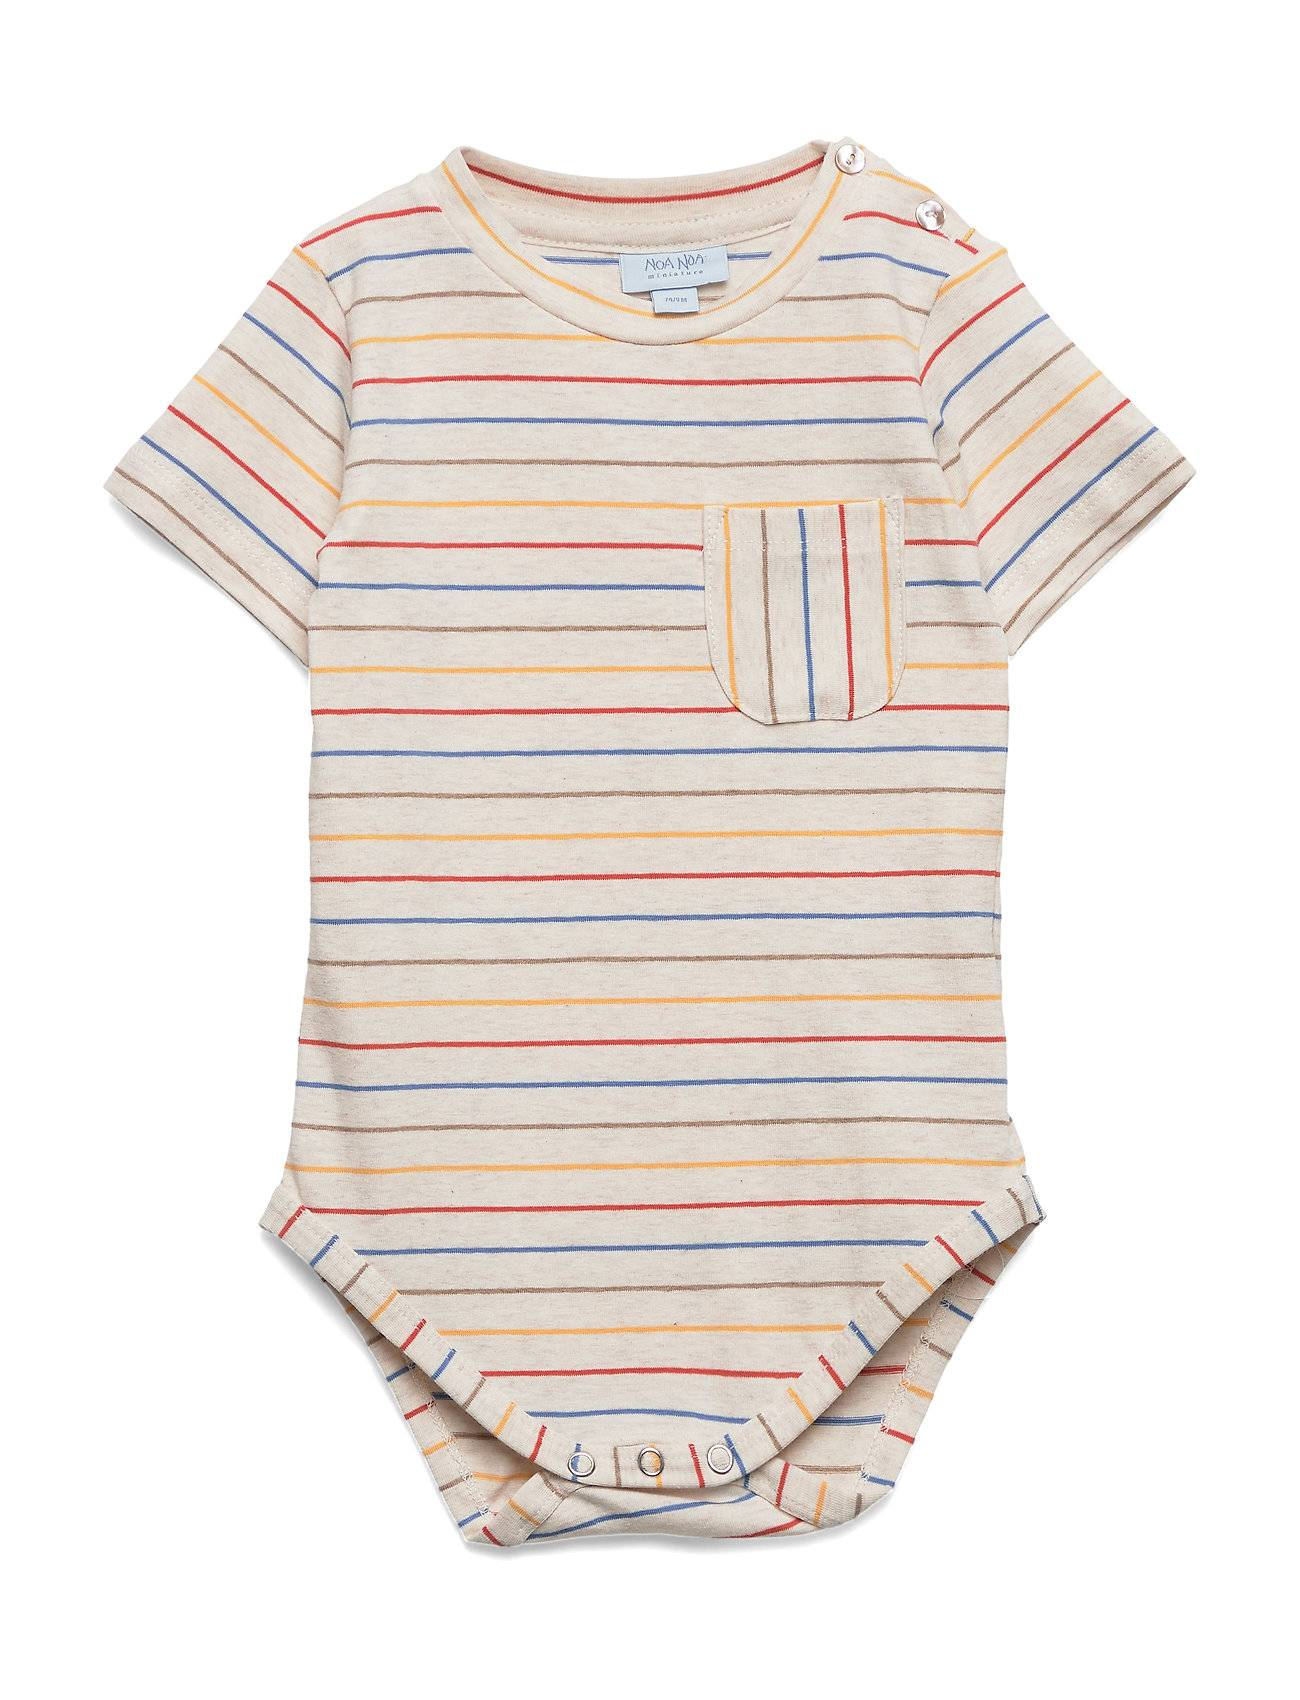 Noa Noa Miniature Baby Body Bodies Short-sleeved Monivärinen/Kuvioitu Noa Noa Miniature